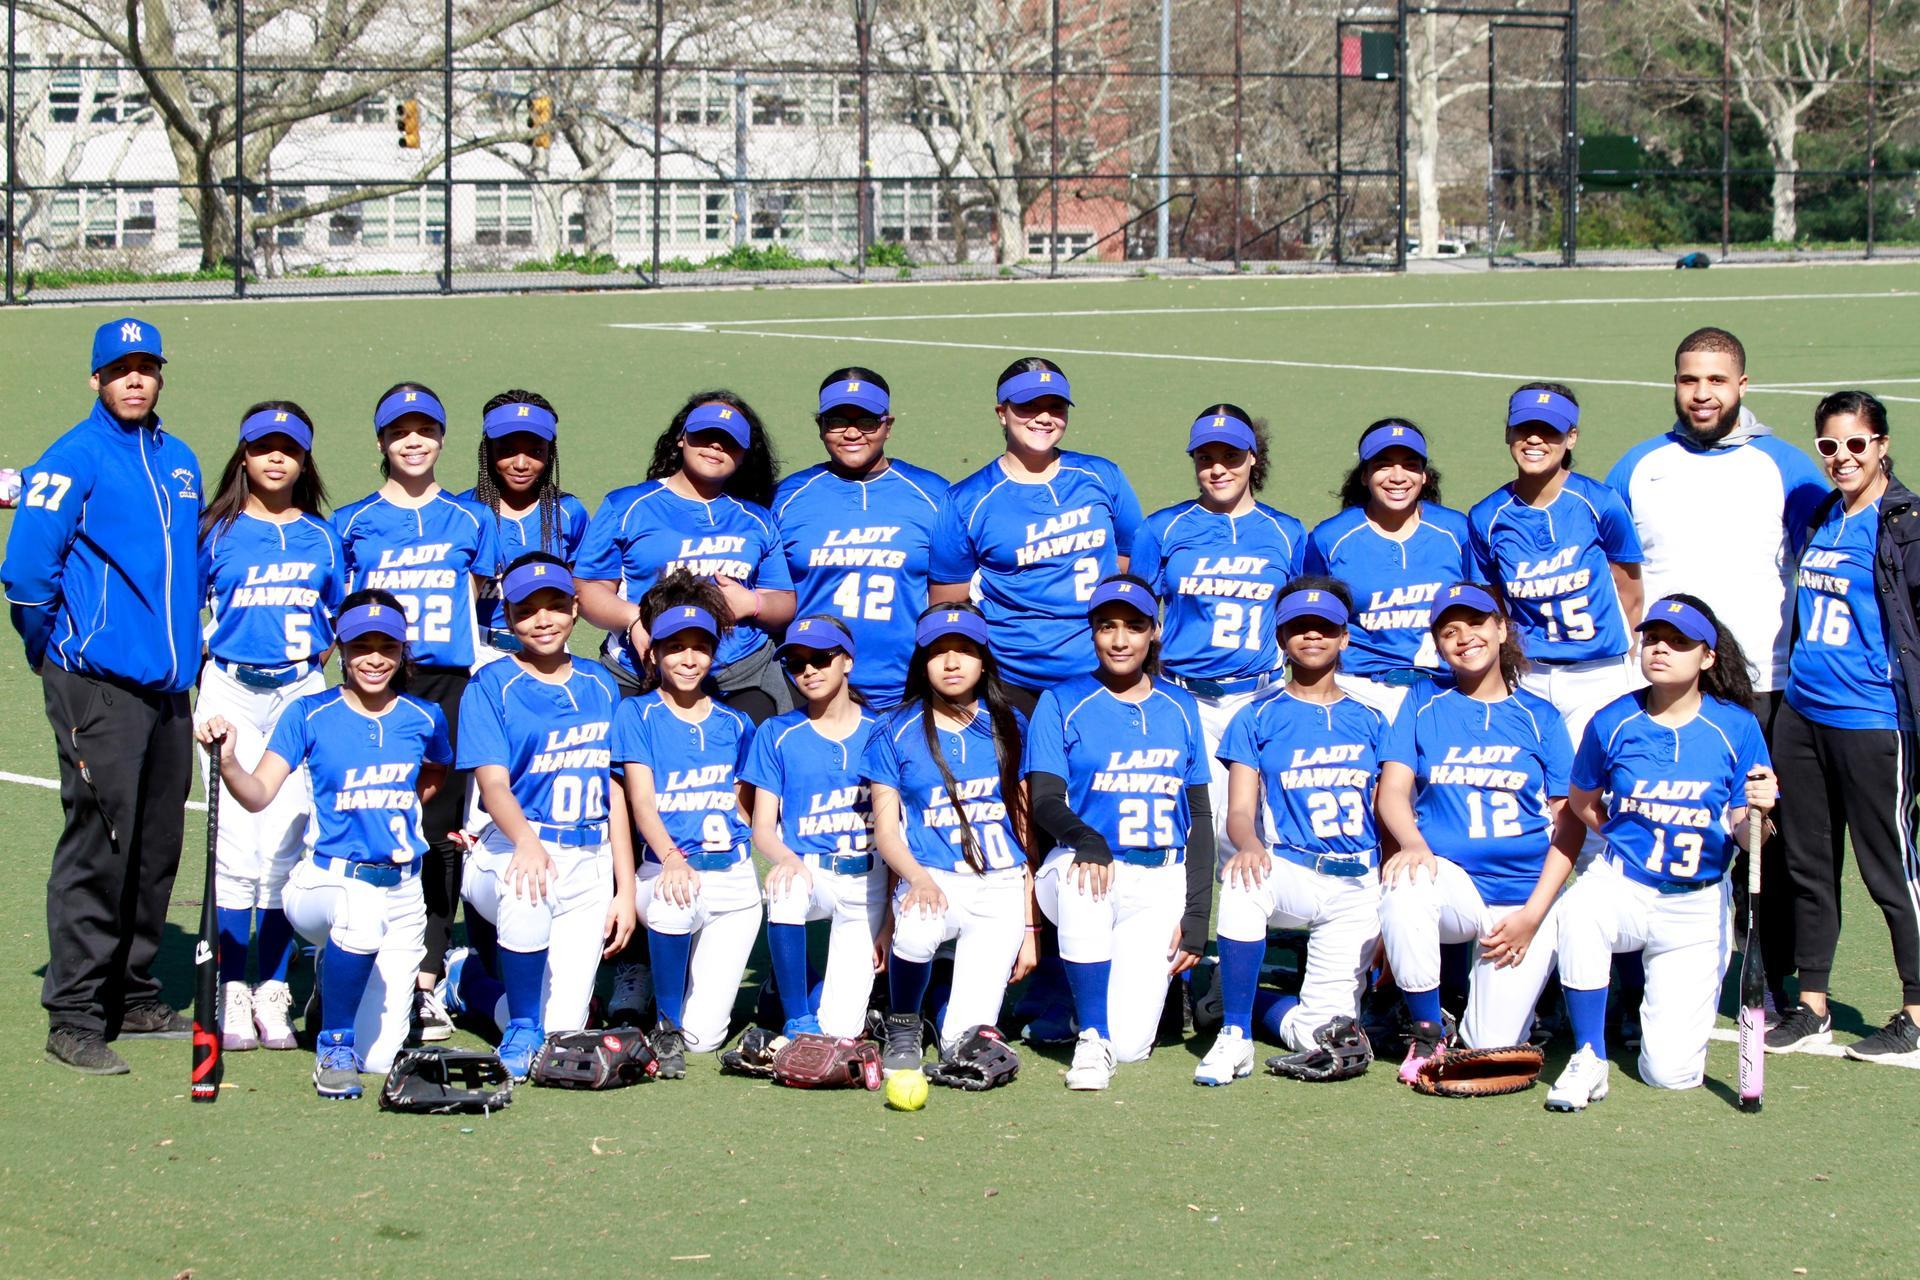 Girls softball team photo